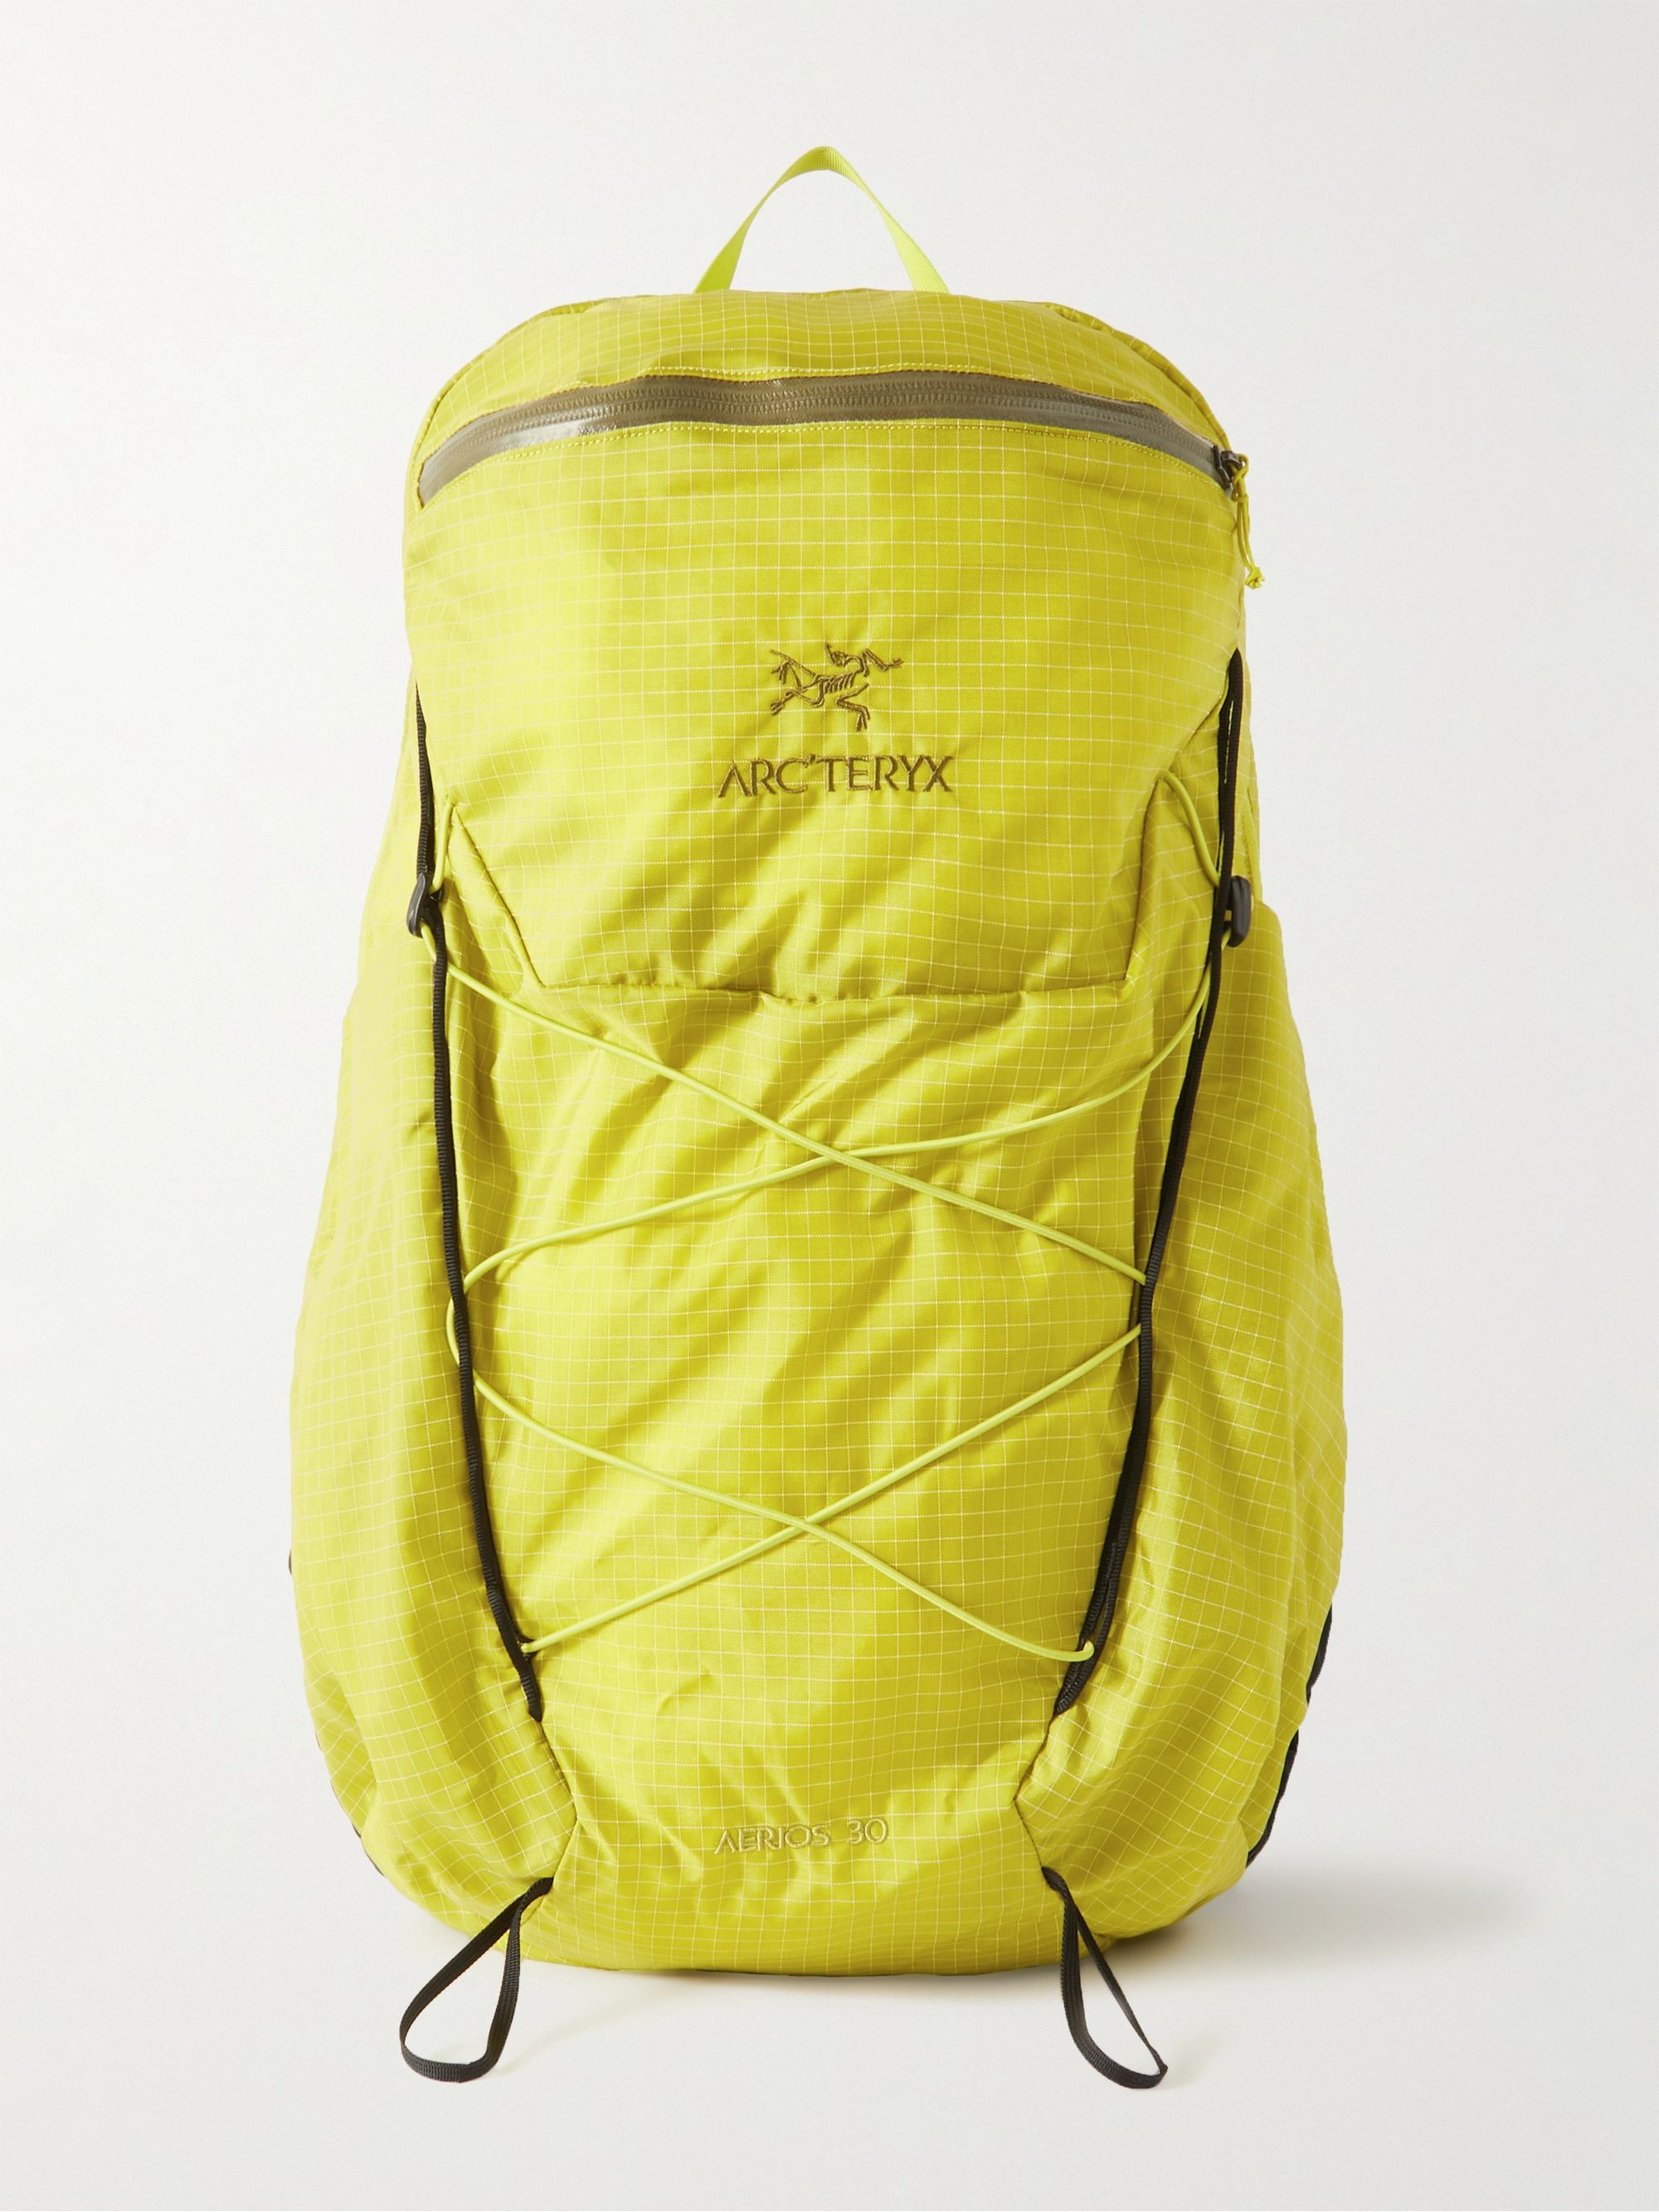 아크테릭스 로고 백팩 ArcTeryx Aerios 30 Nylon-Ripstop Backpack,Sage green